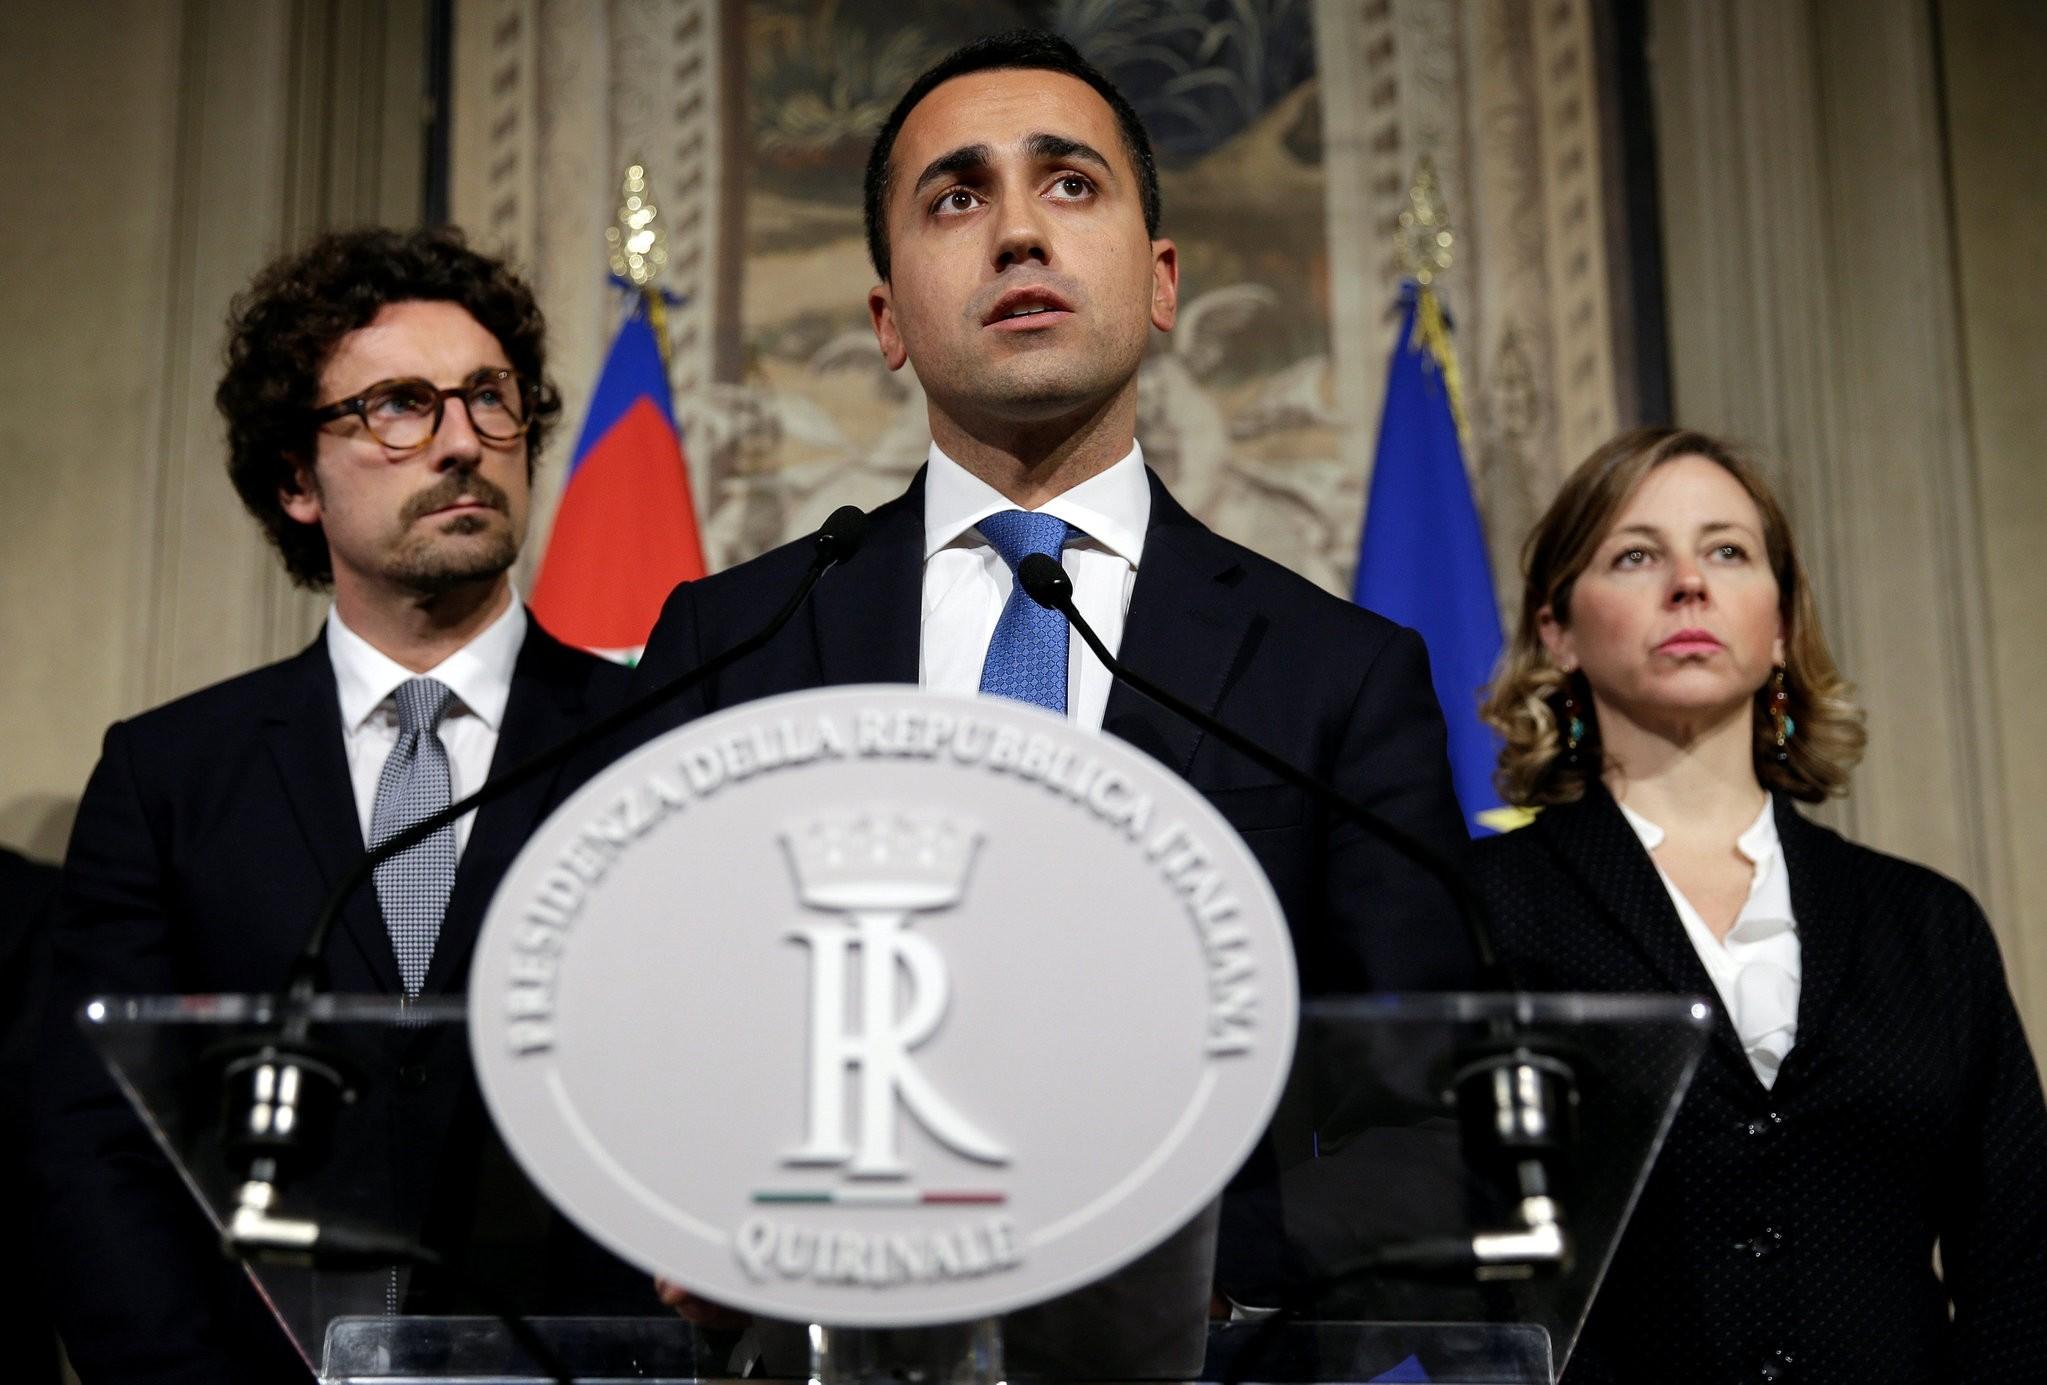 Anti-establishment 5-Star Movement leader Luigi Di Maio speaks following a talk with Italian President Sergio Mattarella at the Quirinal Palace in Rome, Italy, April 12.